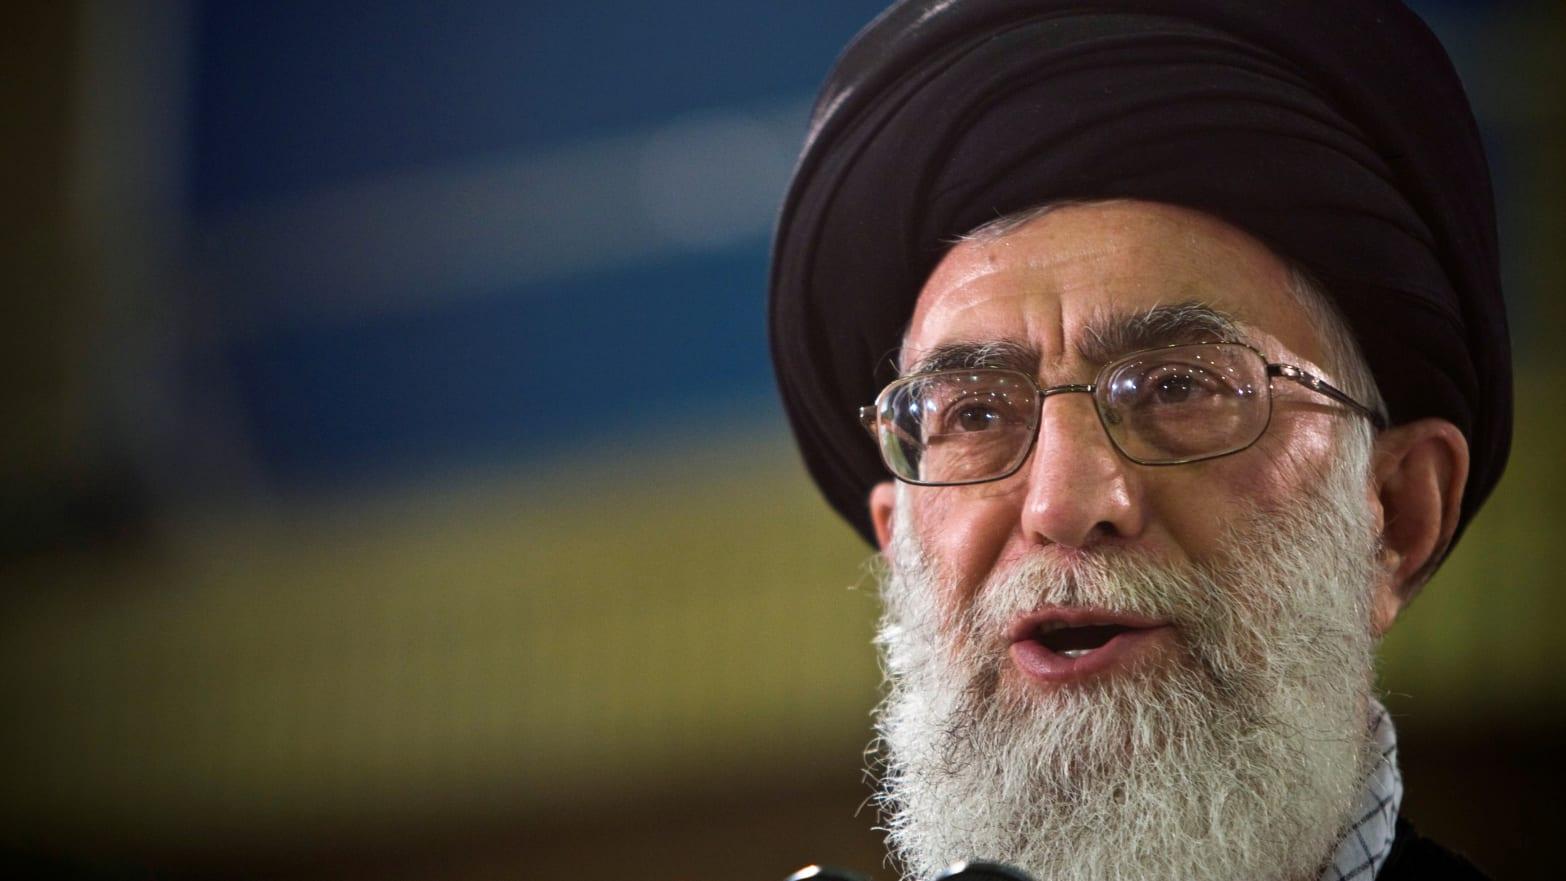 U.S. Sanctions Ayatollah Ali Khamenei, Supreme Leader of Iran